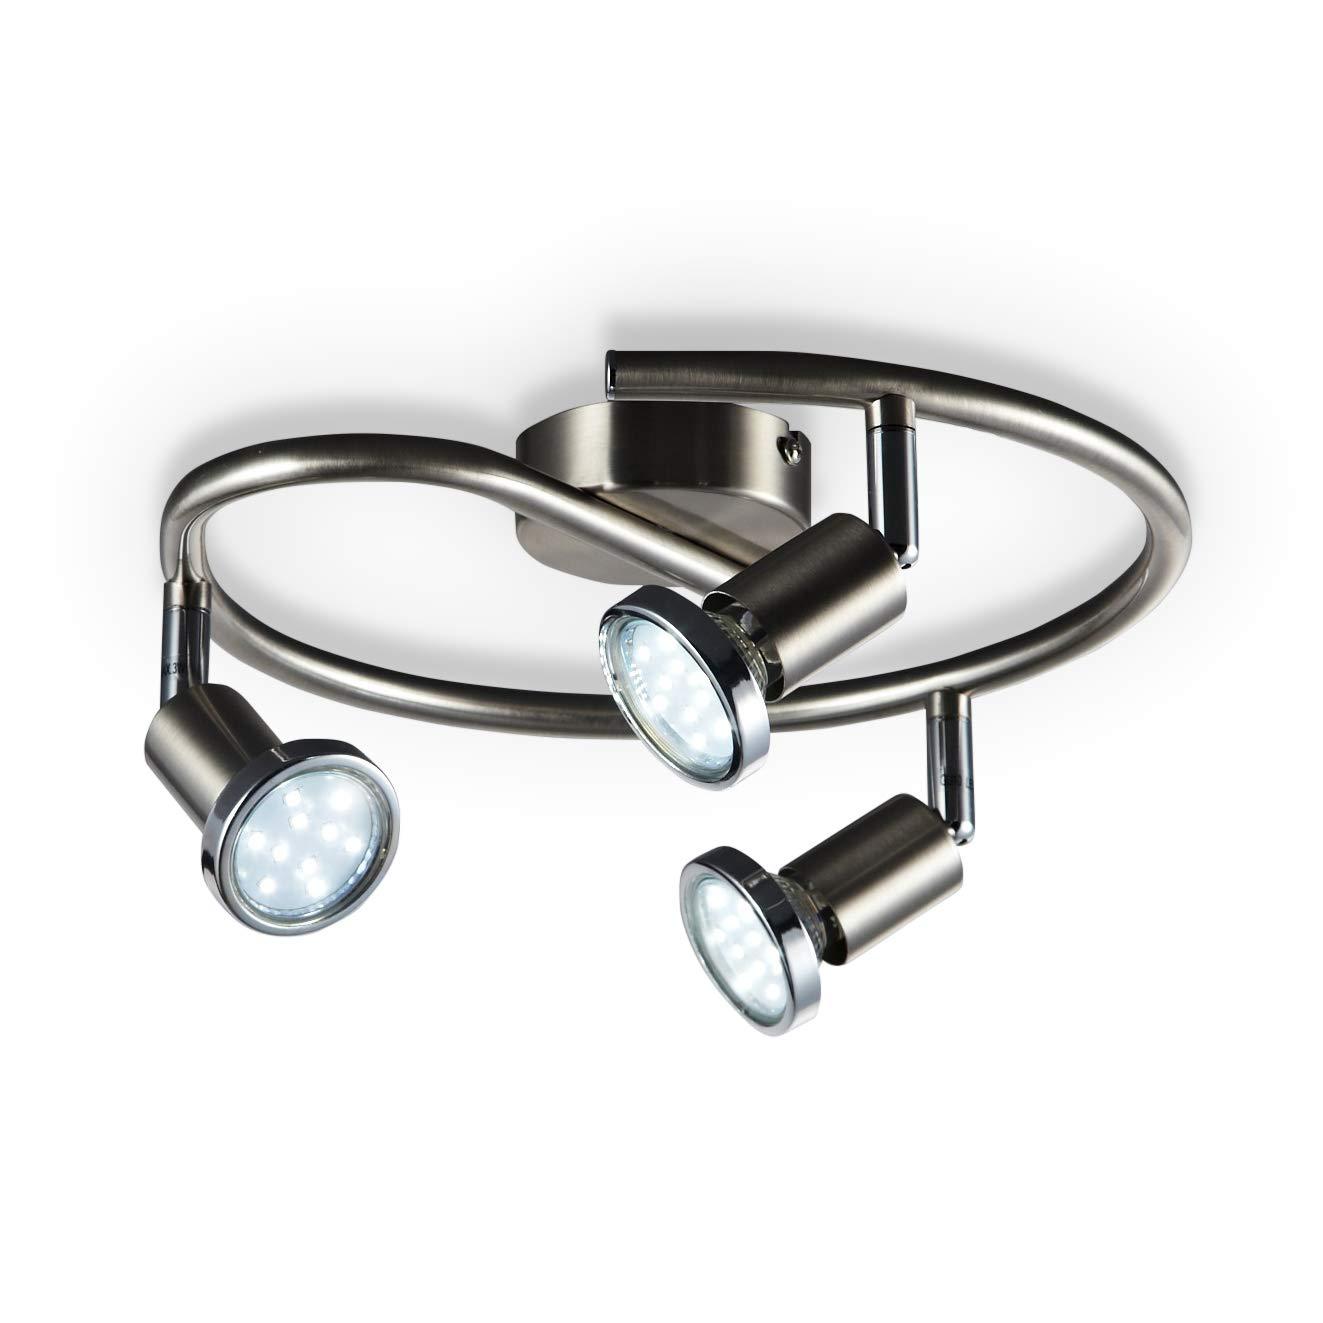 B.K. Licht plafonnier LED 3 spots orientables, luminaire plafond chromé, lumière blanche chaude, spots plafond chambre salon, 230V, GU10, IP20, 3x3W inclus [Classe énergétique A+] B.K.Licht 30-02-03S-S